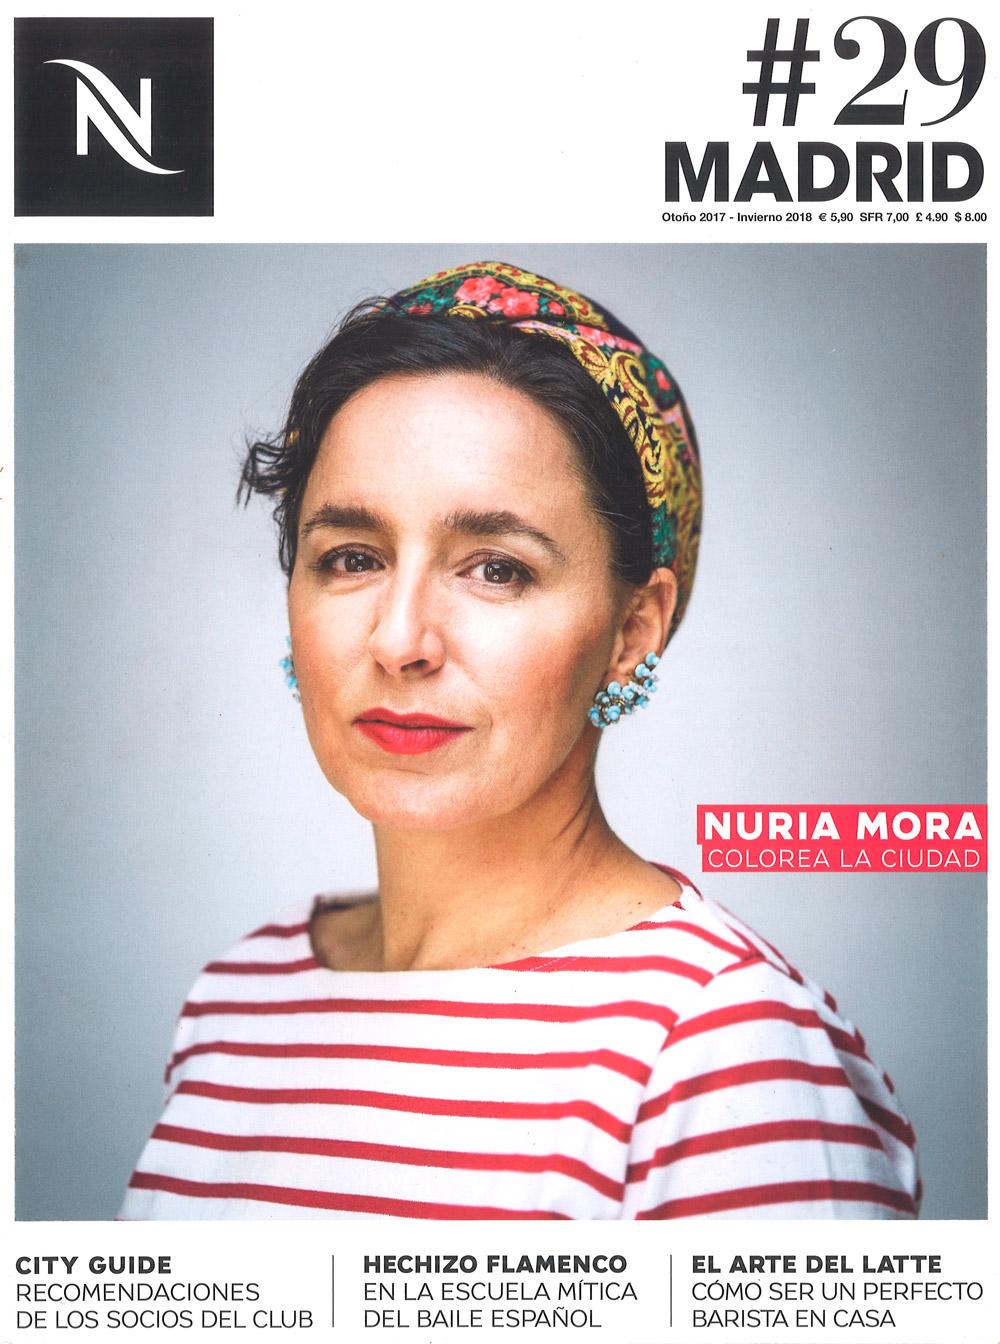 NESPRESSO MAGAZINE, MADRID, Issue #29, Autumn 2017.